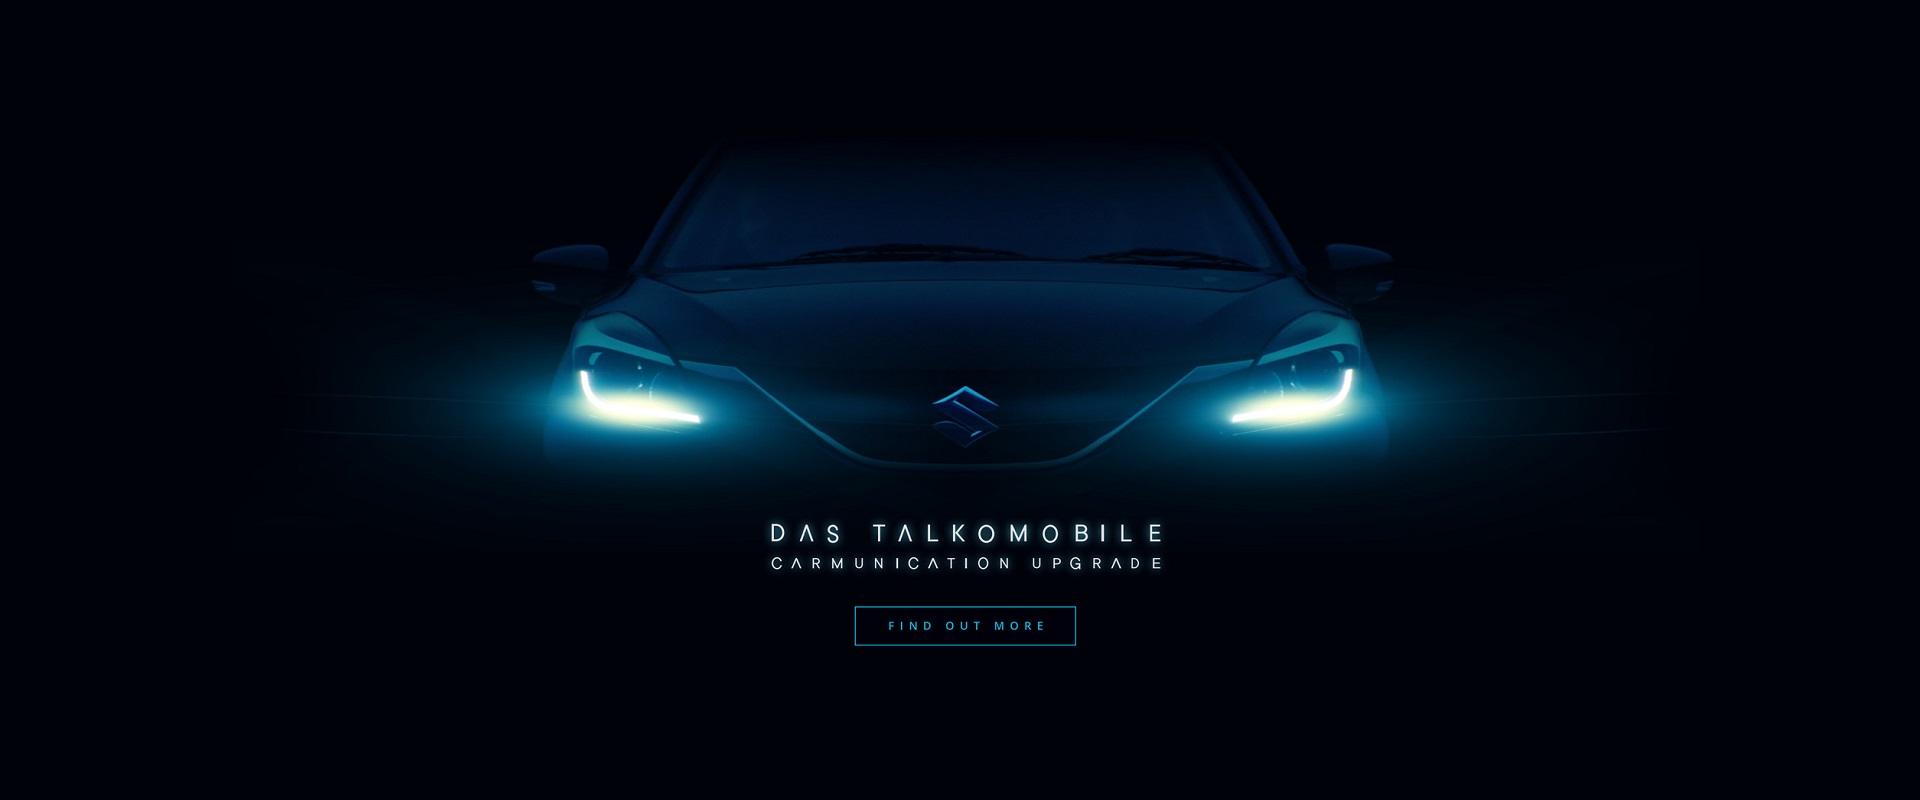 Suzuki - Baleno Das Talkomobile